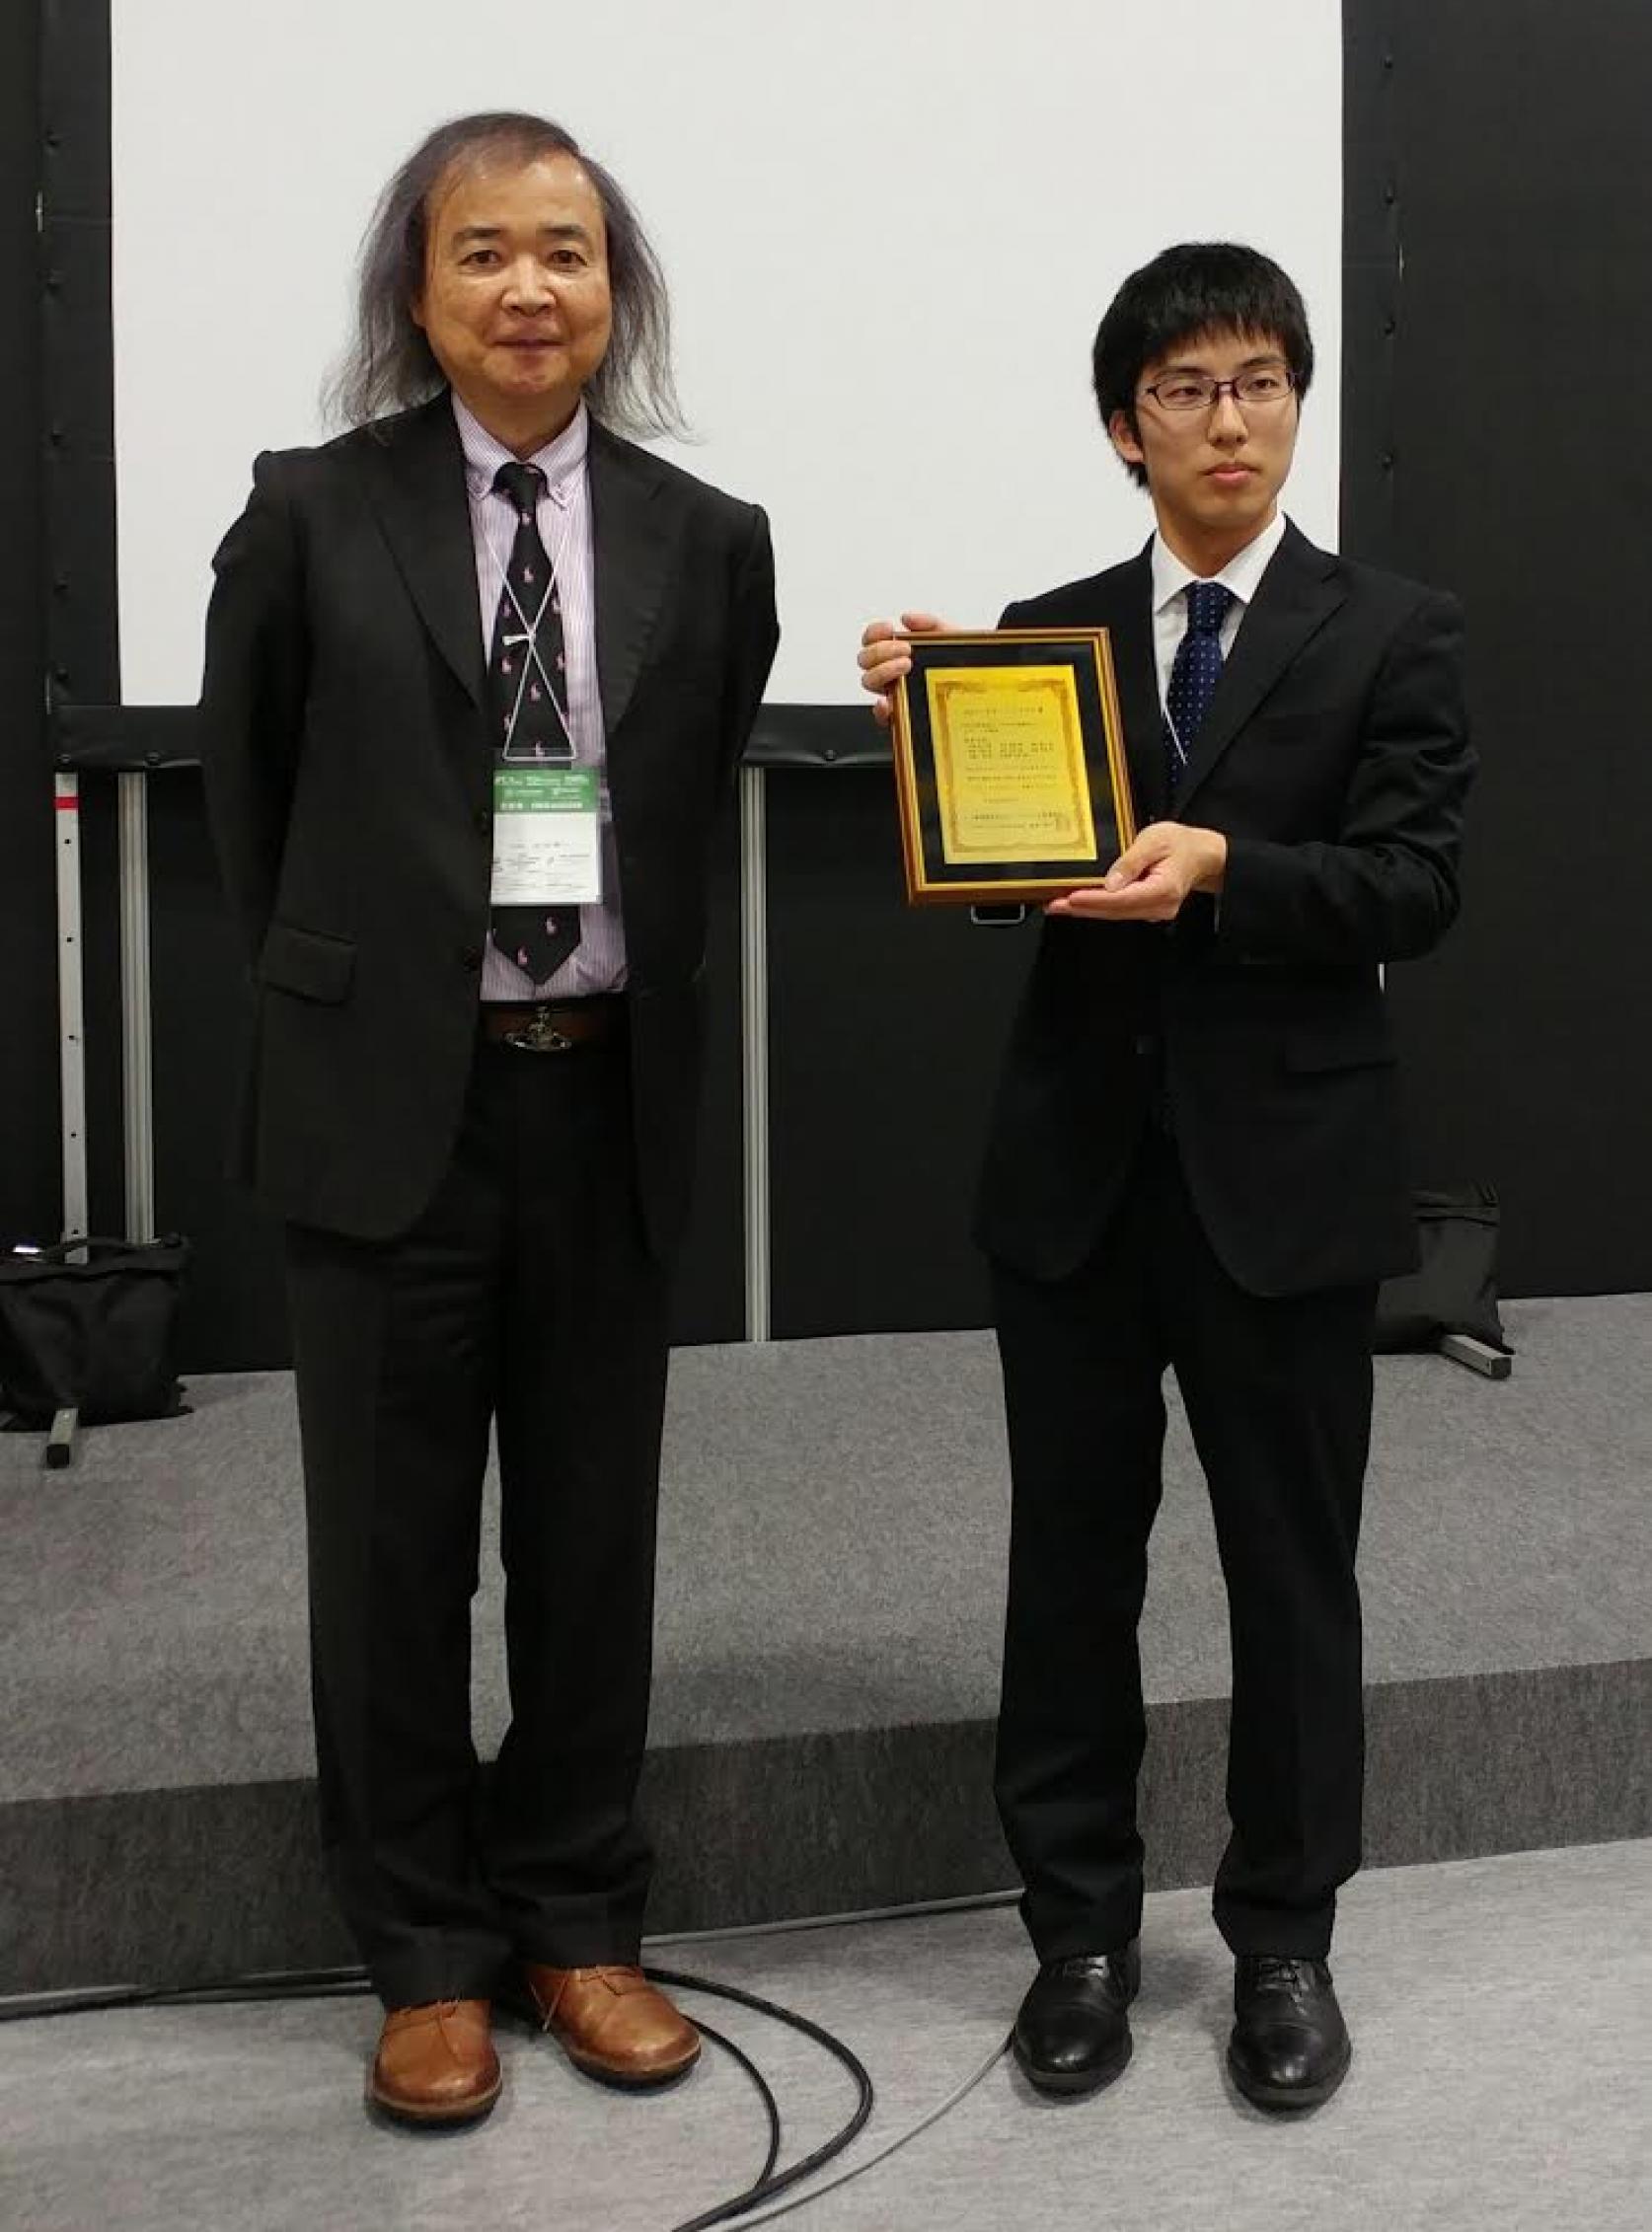 精密機械工学専攻 内海裕人さんが「JPCA Show 2017(第47回国際電子回路産業展)」にてアカデミックプラザ賞を受賞しました。